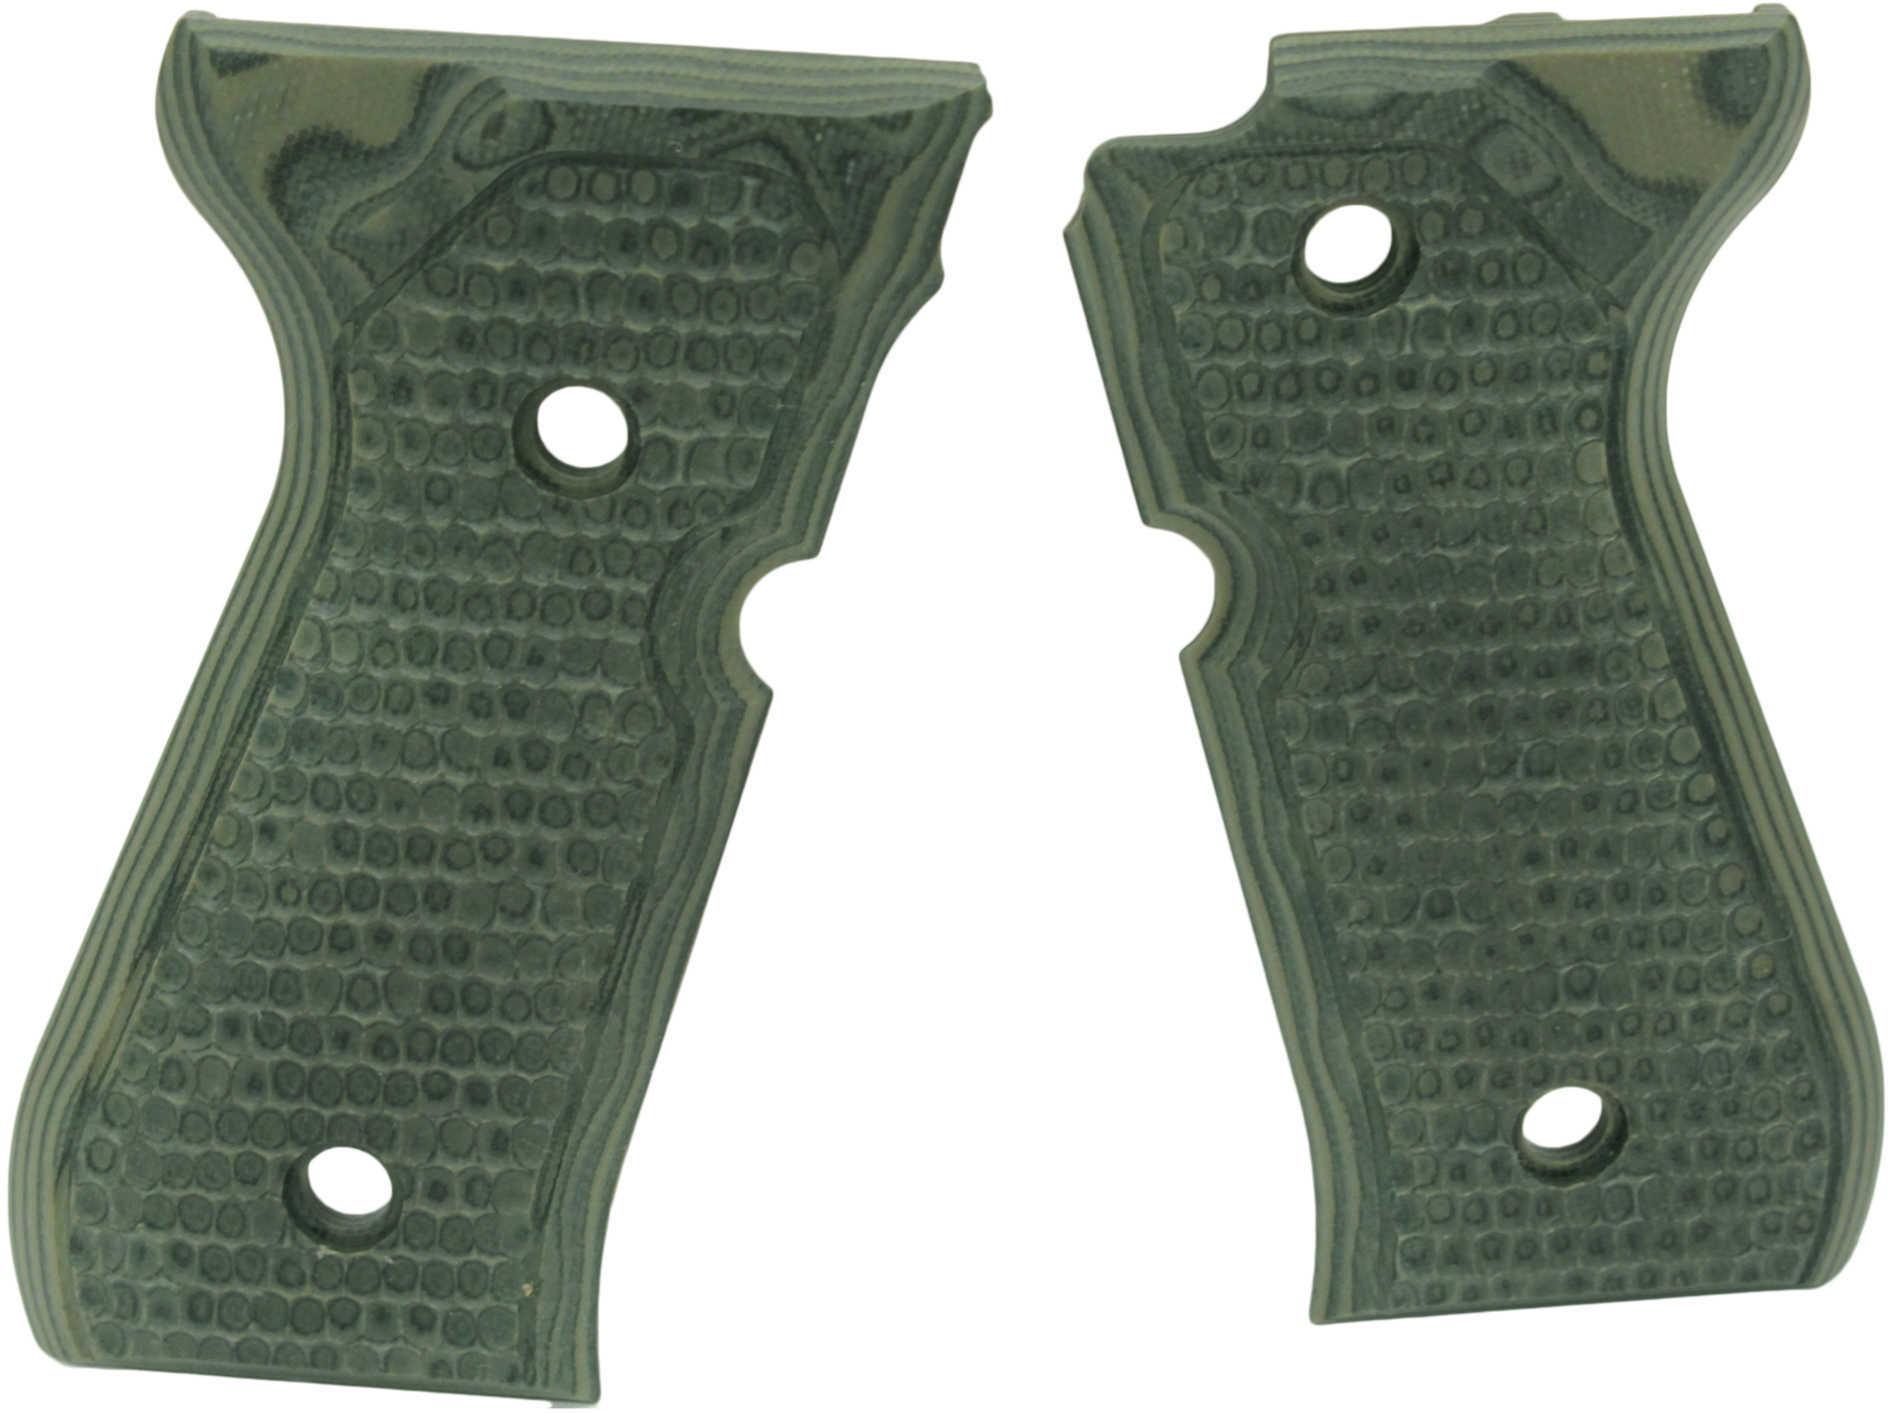 Hogue Beretta 92 Grips Piranha G-10 G-Mascus Green Md: 92138